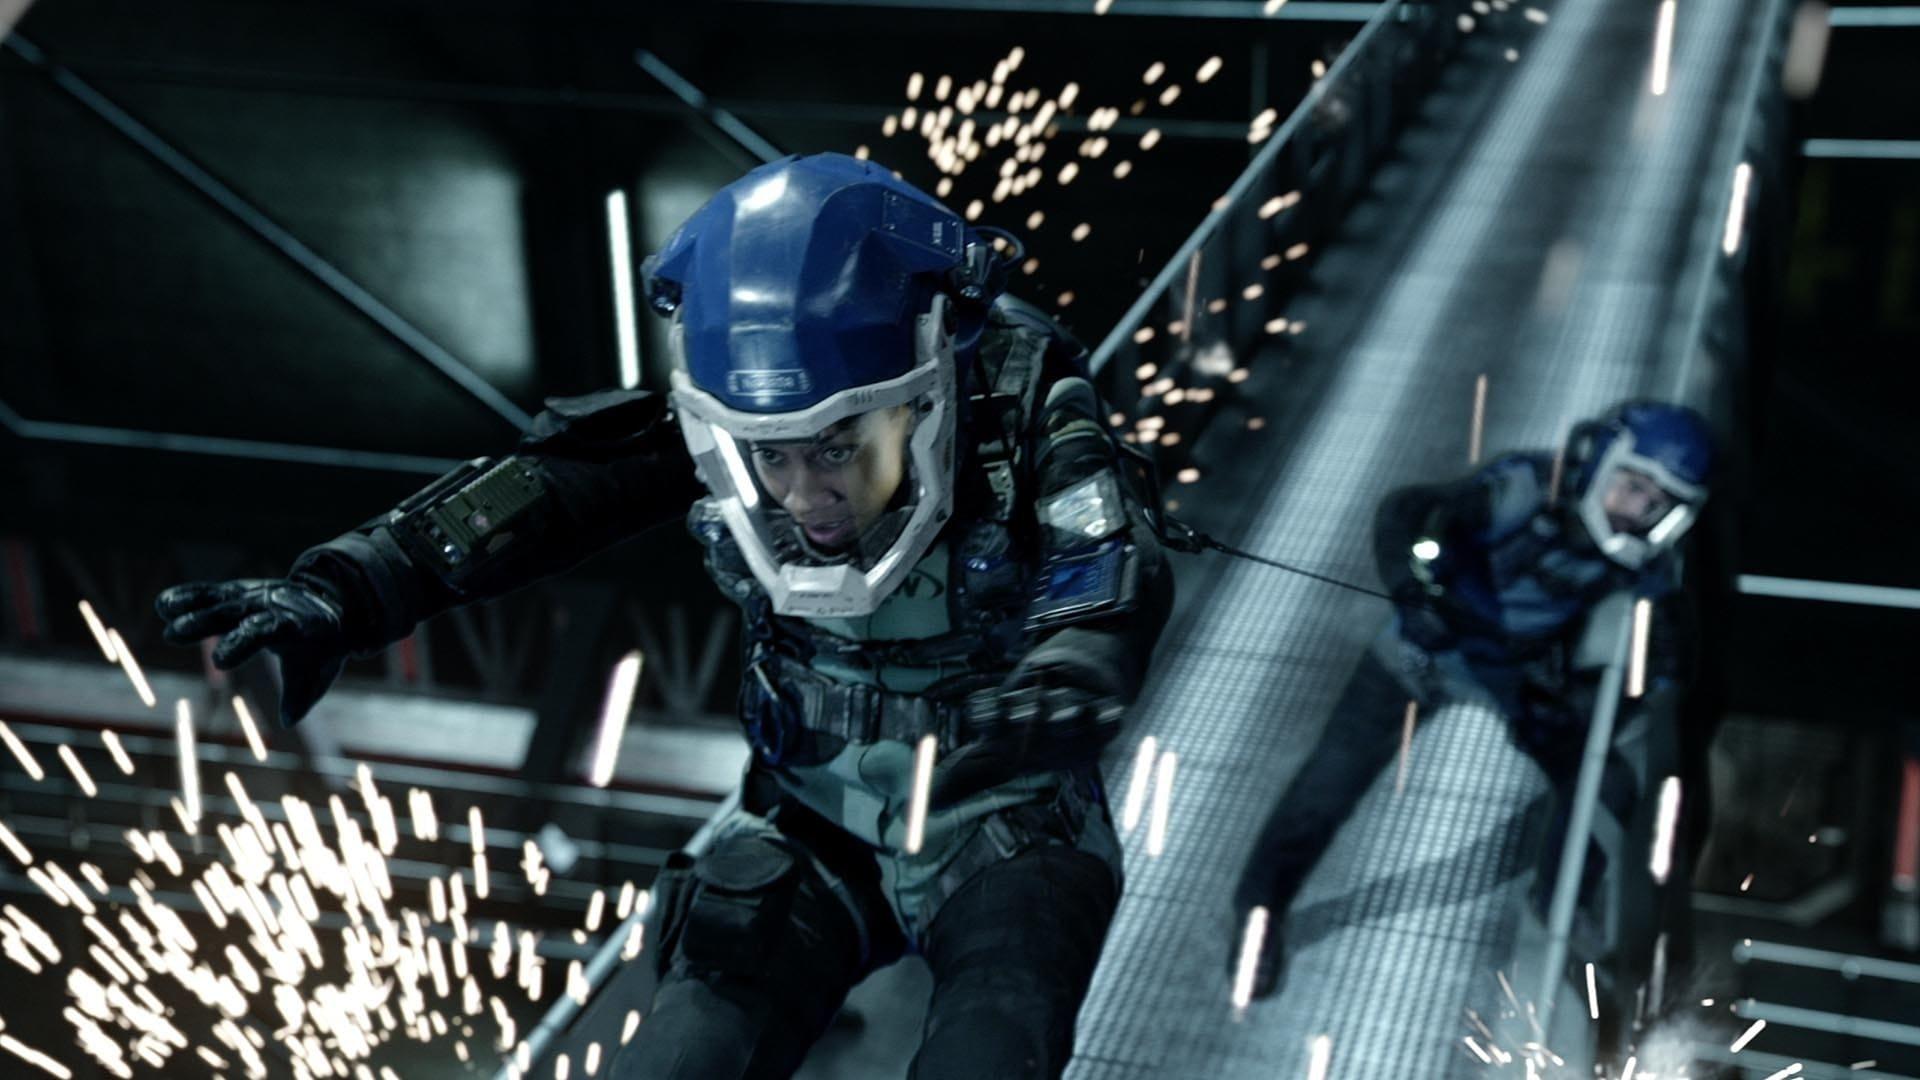 無垠的太空/蒼穹浩瀚第一季 第4集 - Movieffm電影線上看